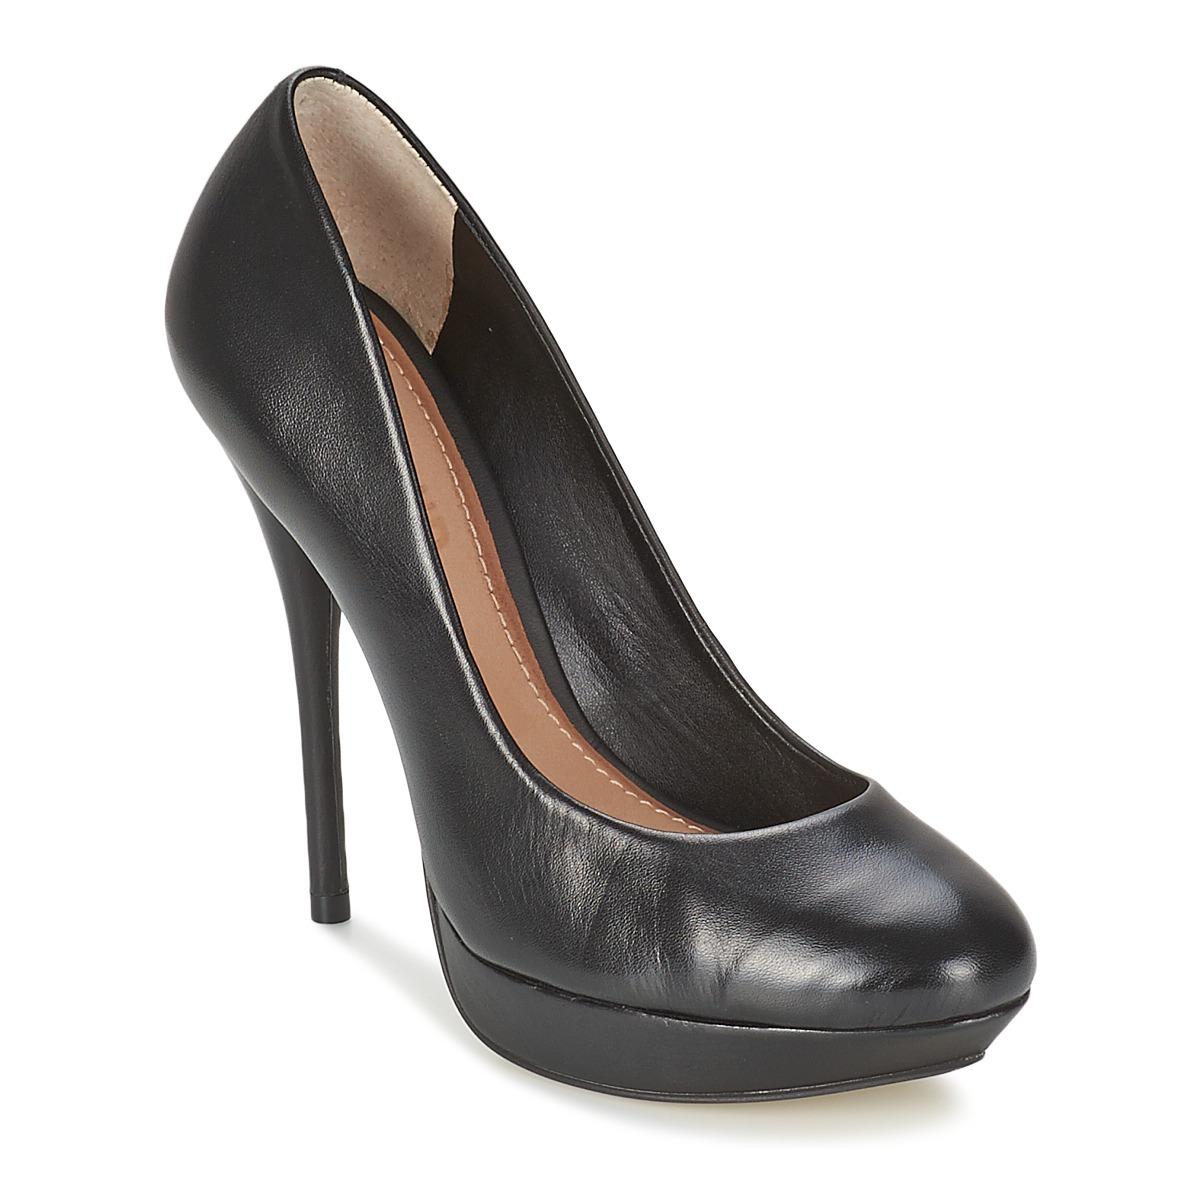 Dumond Shoes Uk